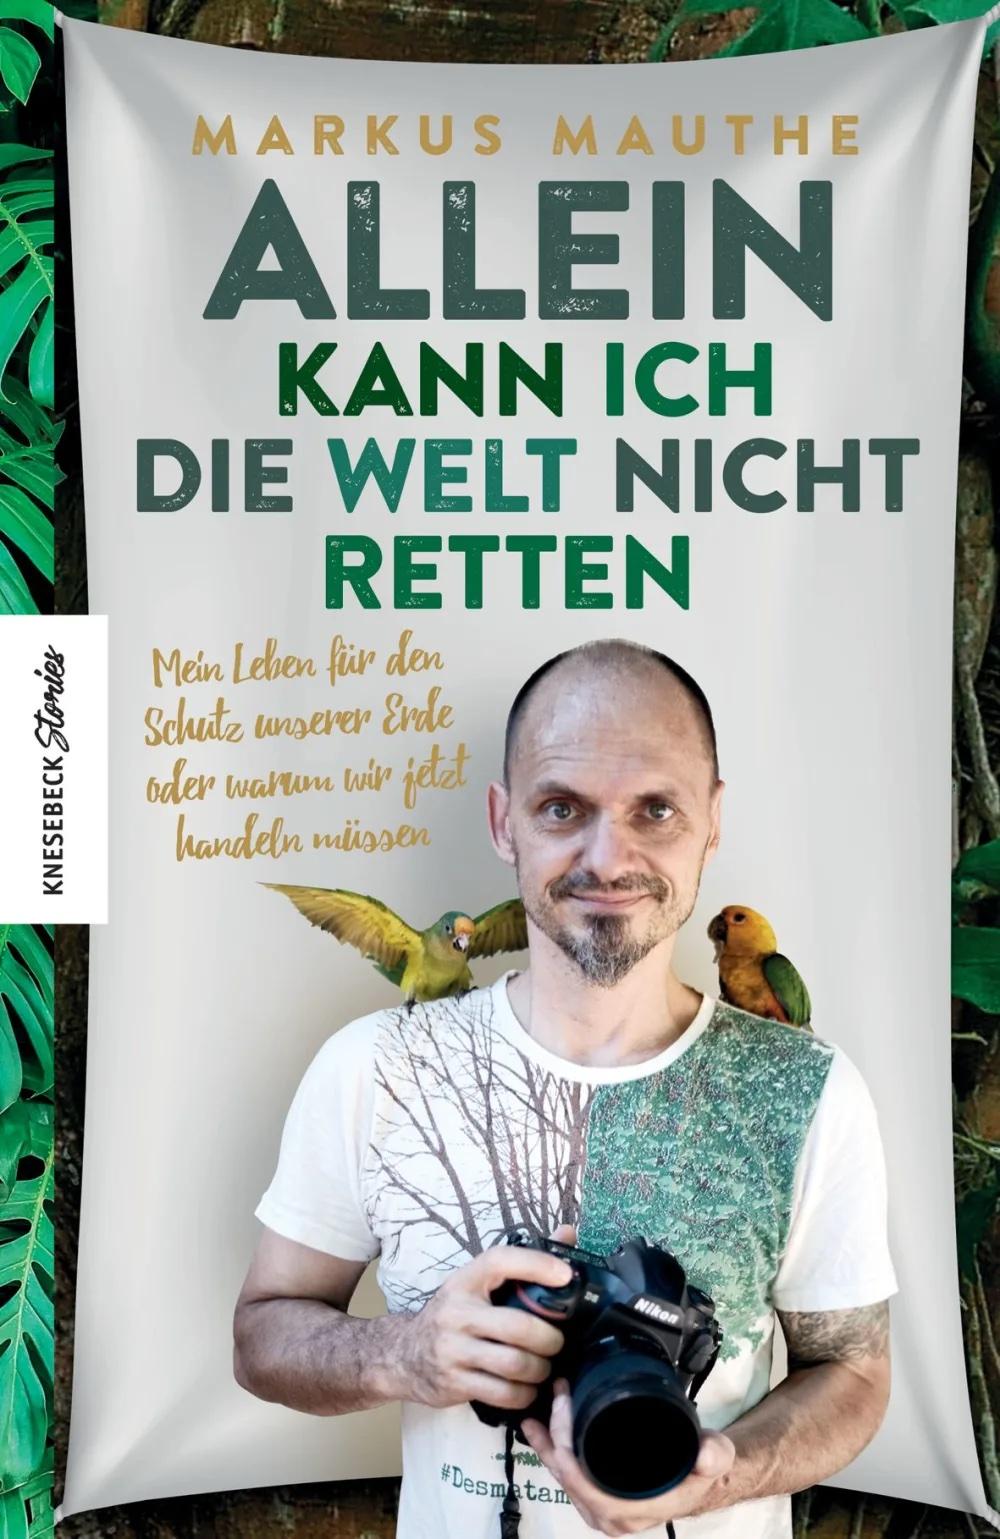 Markus Mauthe